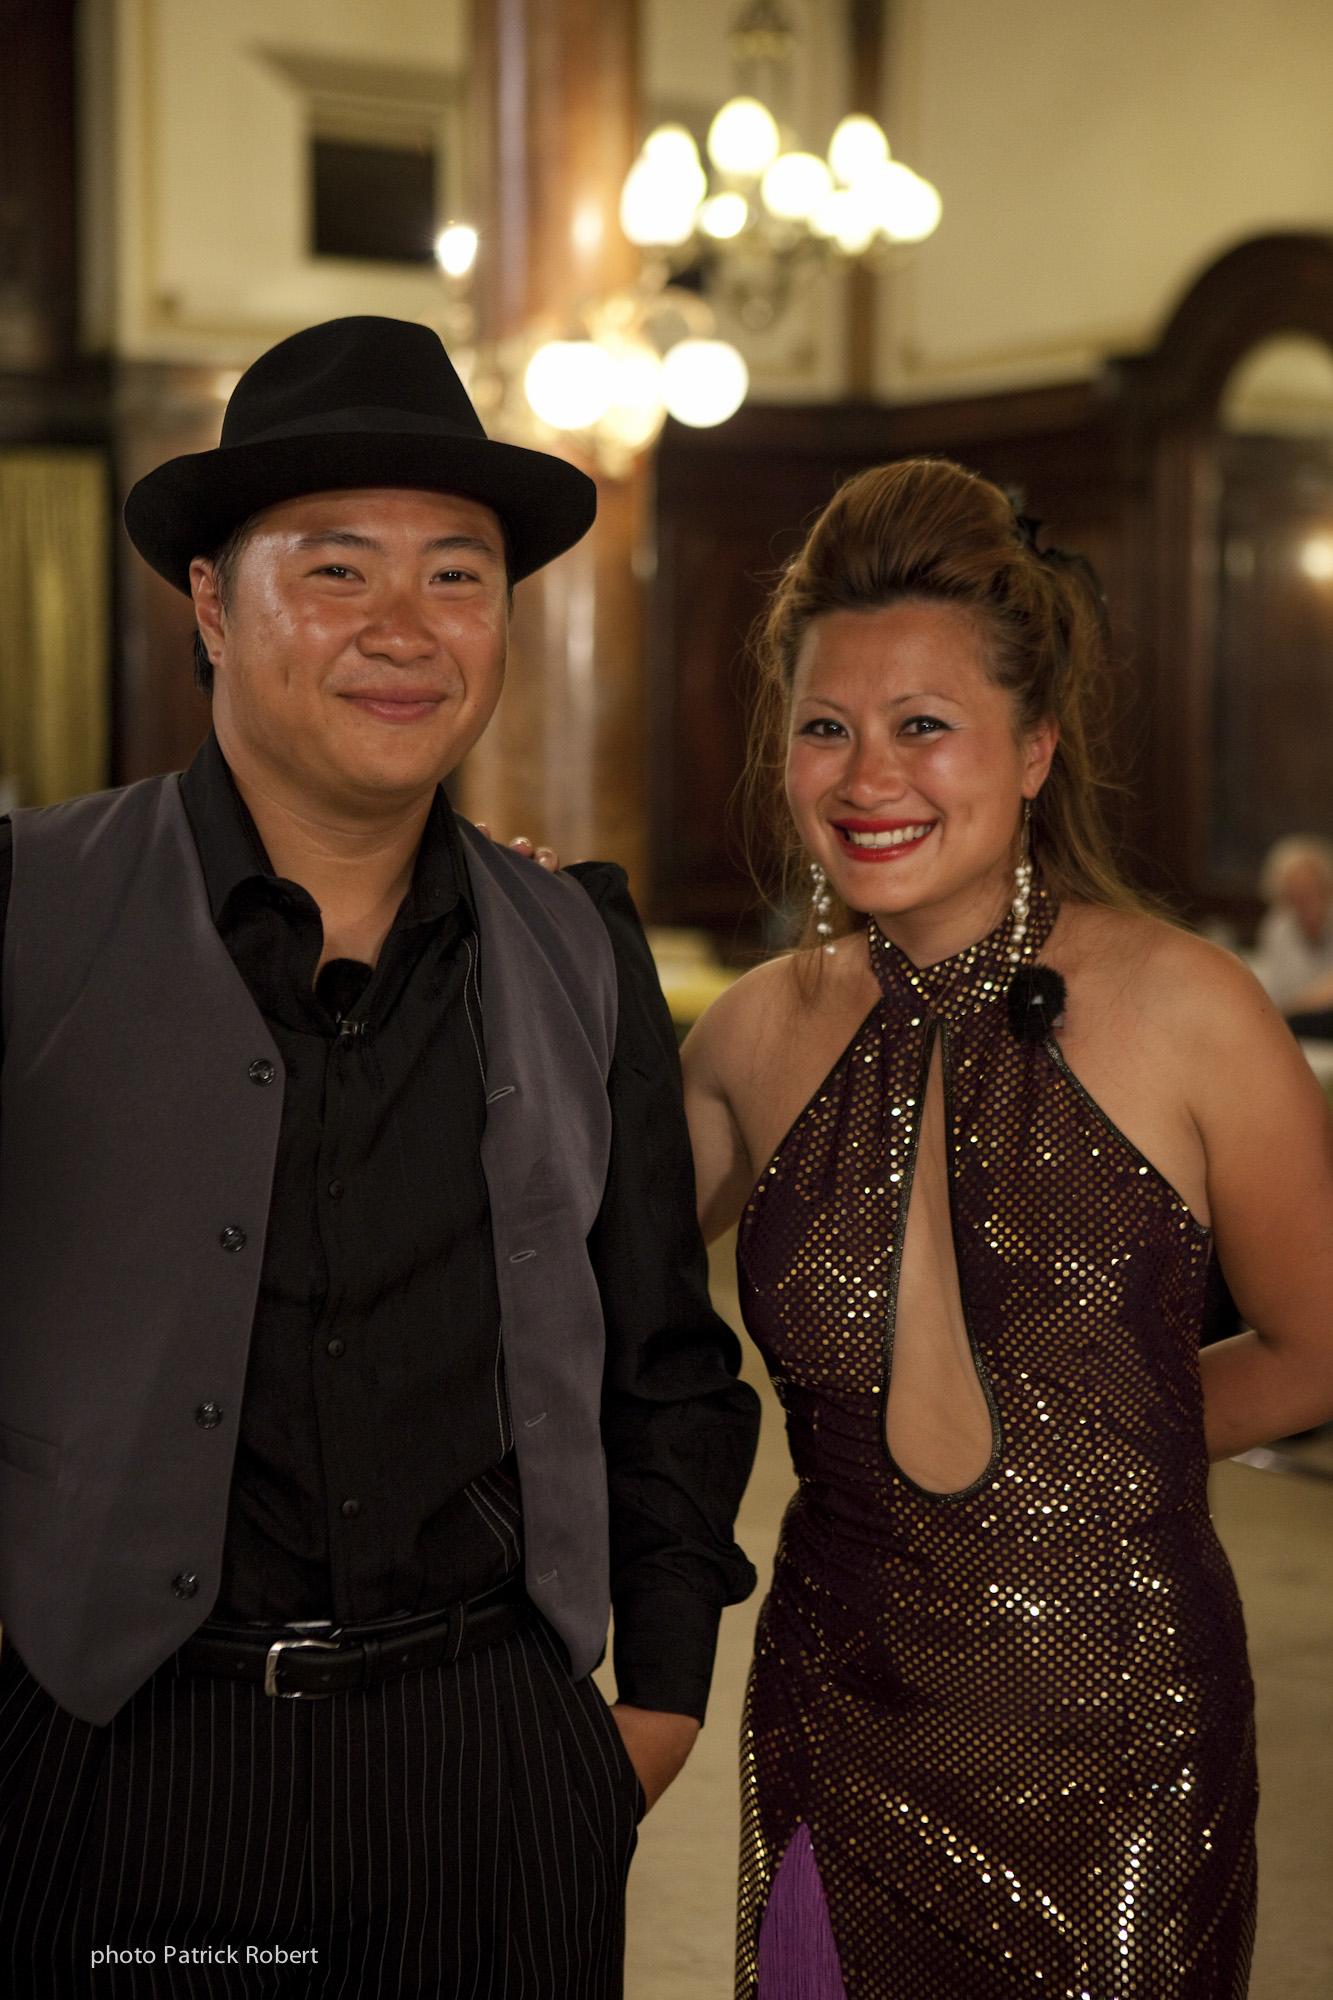 Pékin Express 5 - Hoang et Quyen - Argentine Buenos Aires Ecole de Tango du célèbre danseur Carlos Copello